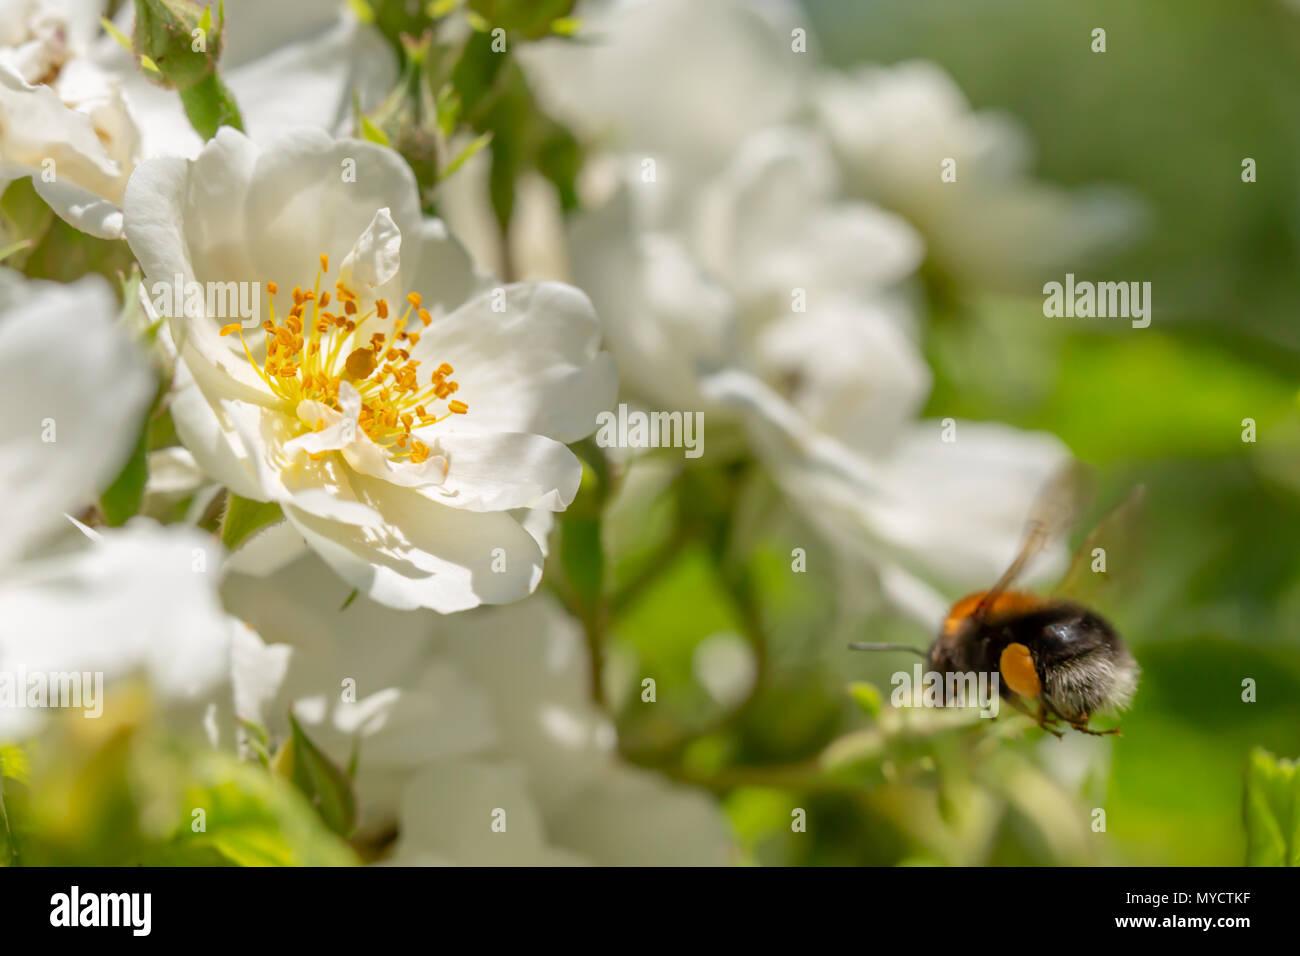 official photos 892ab 54ef6 Wilde Weiße Rose Blüten mit antheren im Fokus und Baum ...